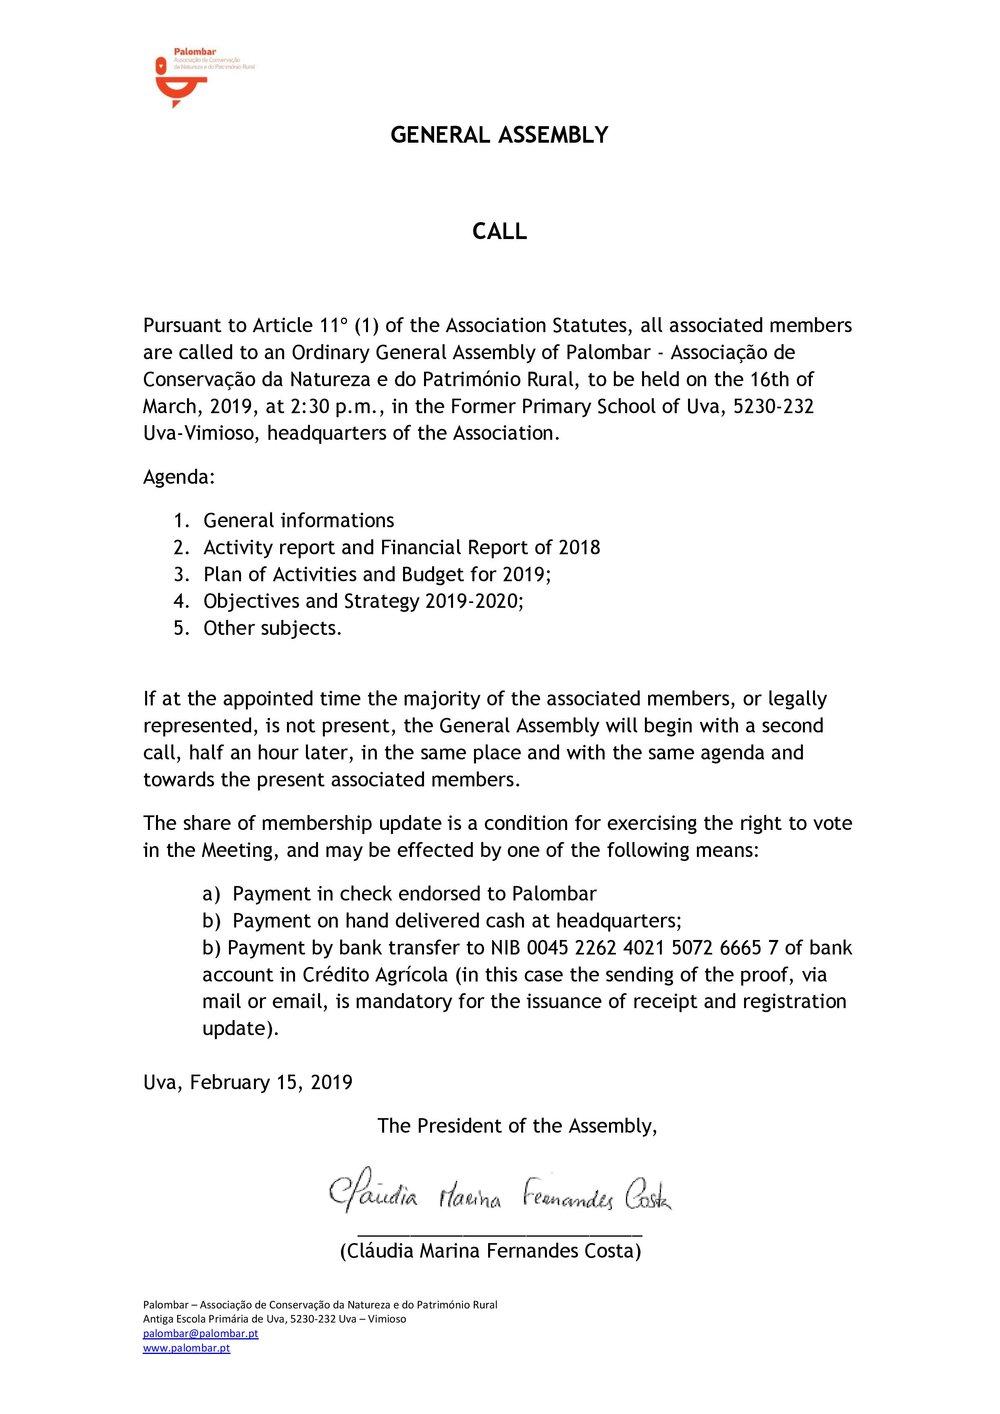 Convocatória AG 16 Março 2019 EN Completa-page-001.jpg